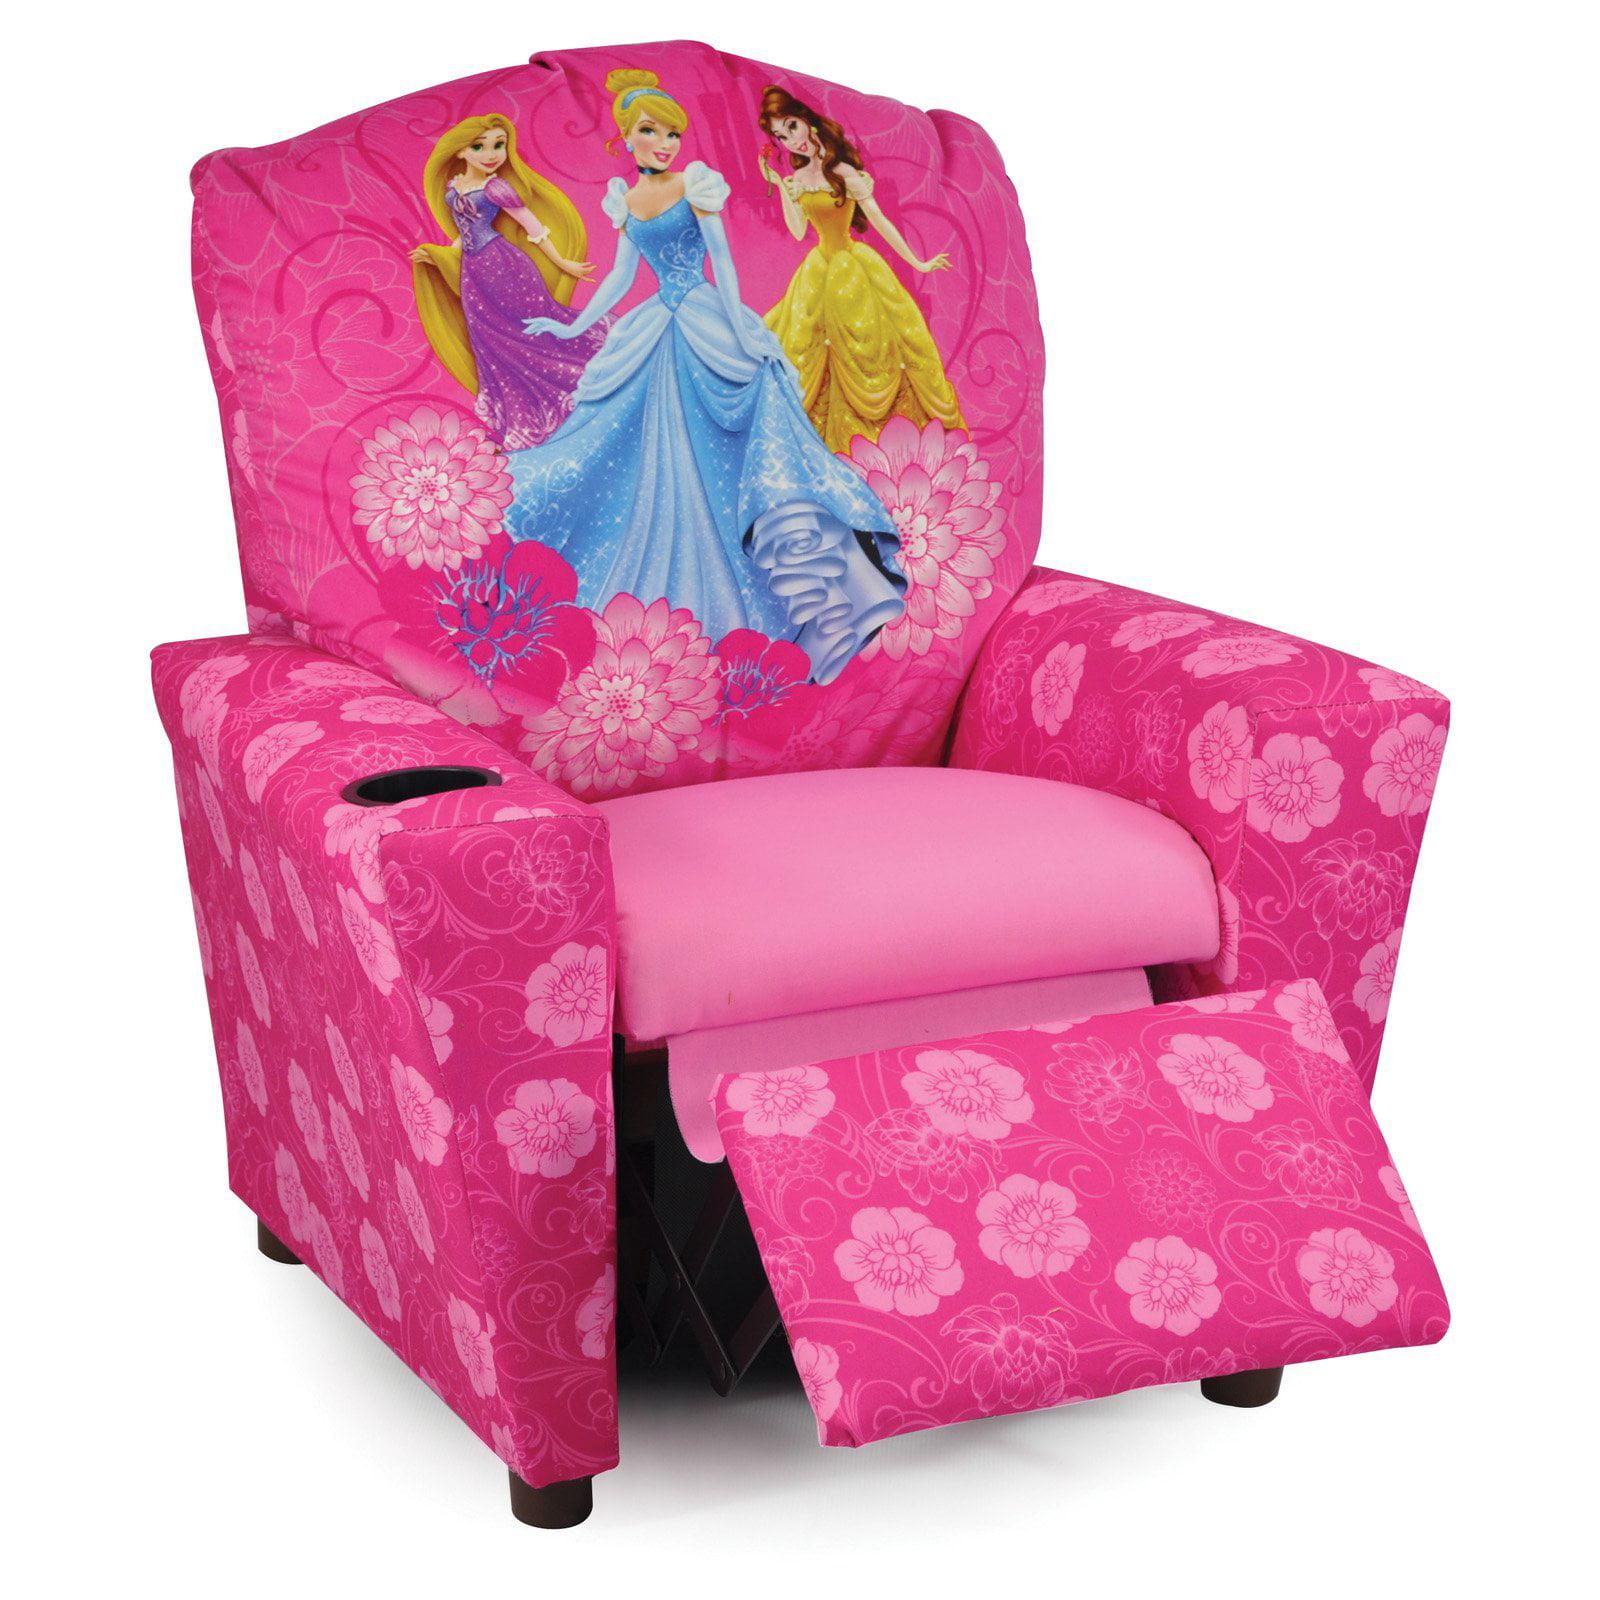 Disney Princesses Kids Recliner   Walmart.com